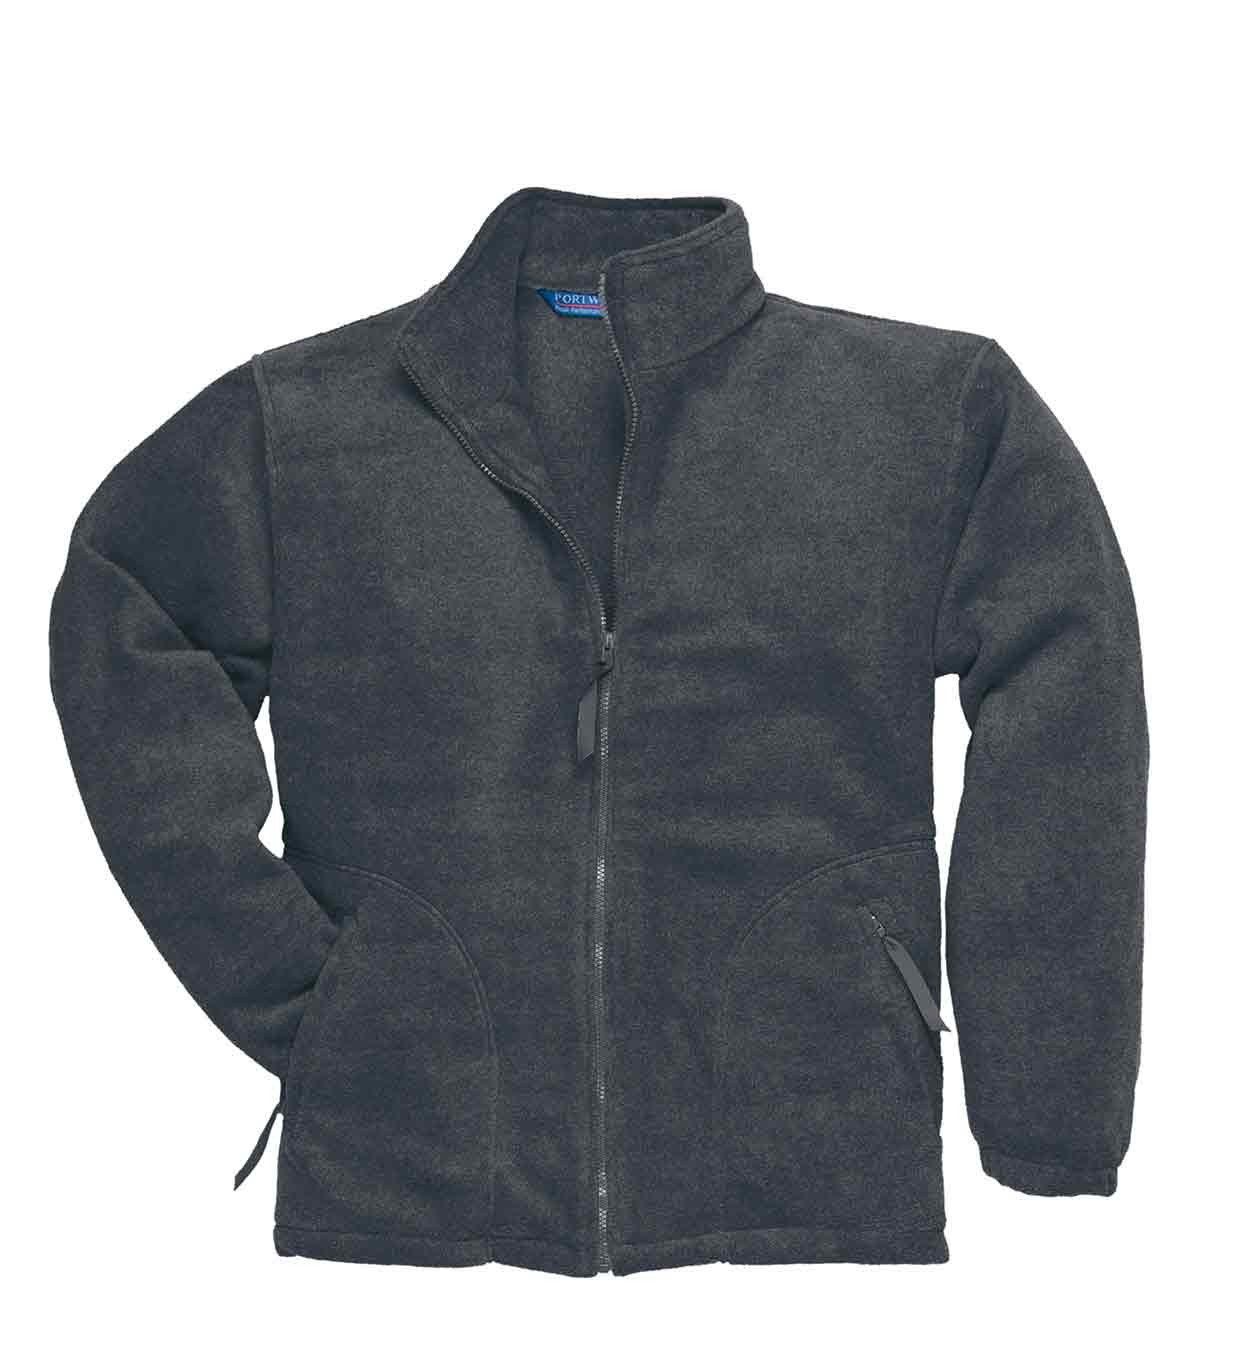 Portwest Argyll Heavy weight Zip Jacket Unlined Fleece Work Wear Zip Pocket F400